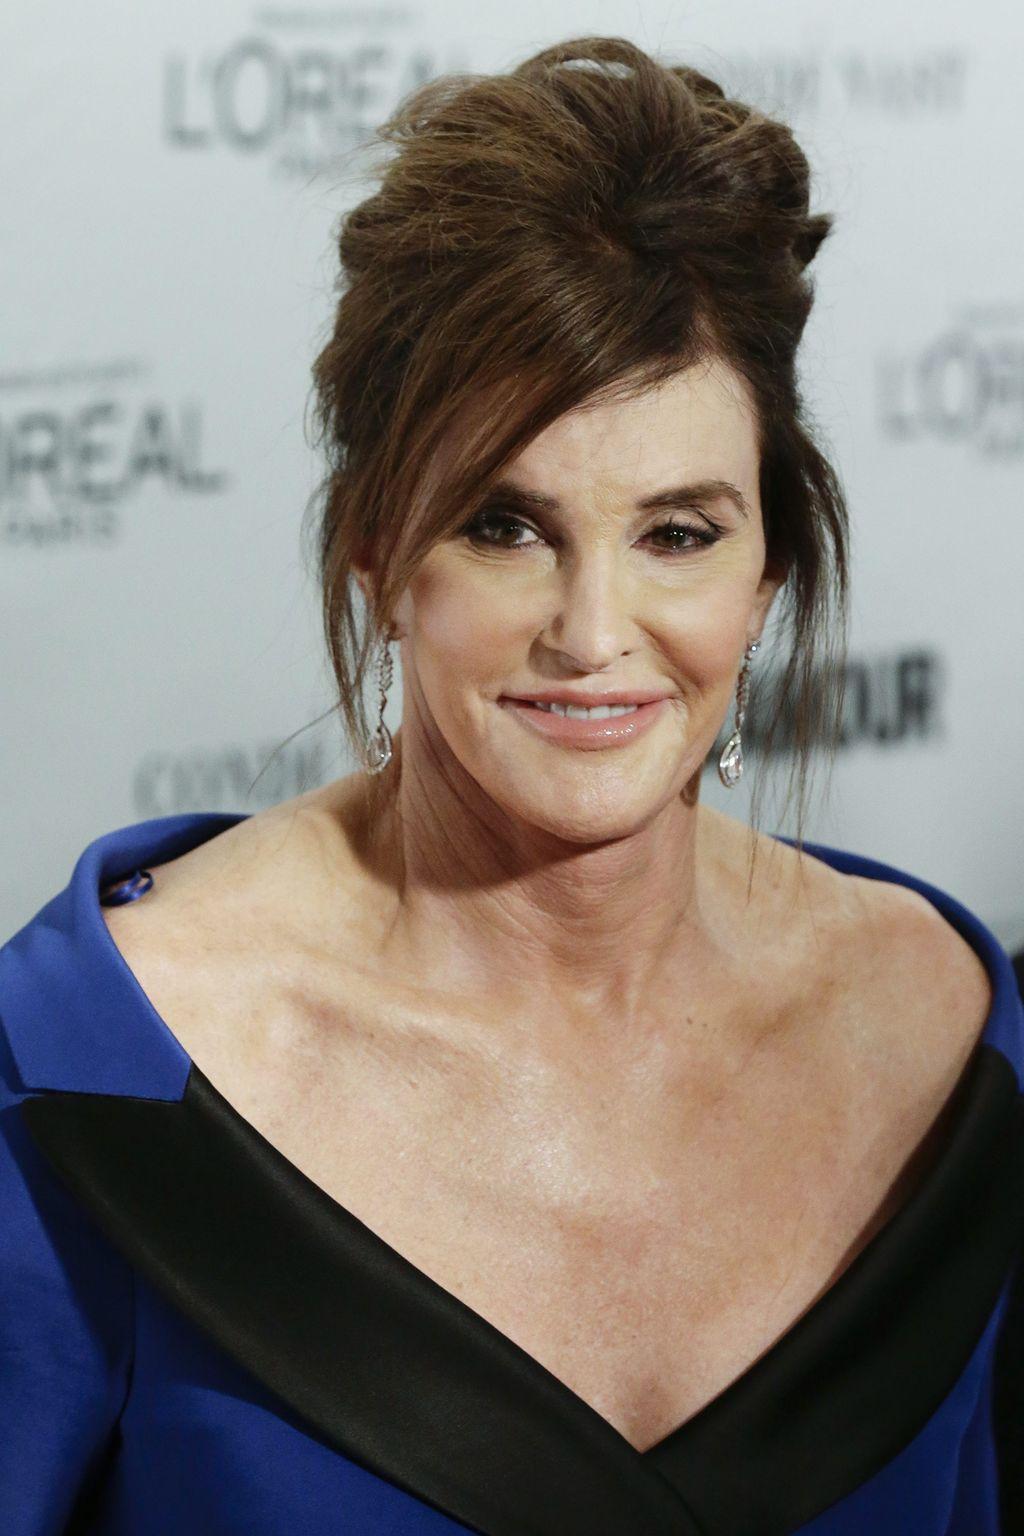 Hay mucho más en ser mujer que el maquillaje: Caitlyn Jenner